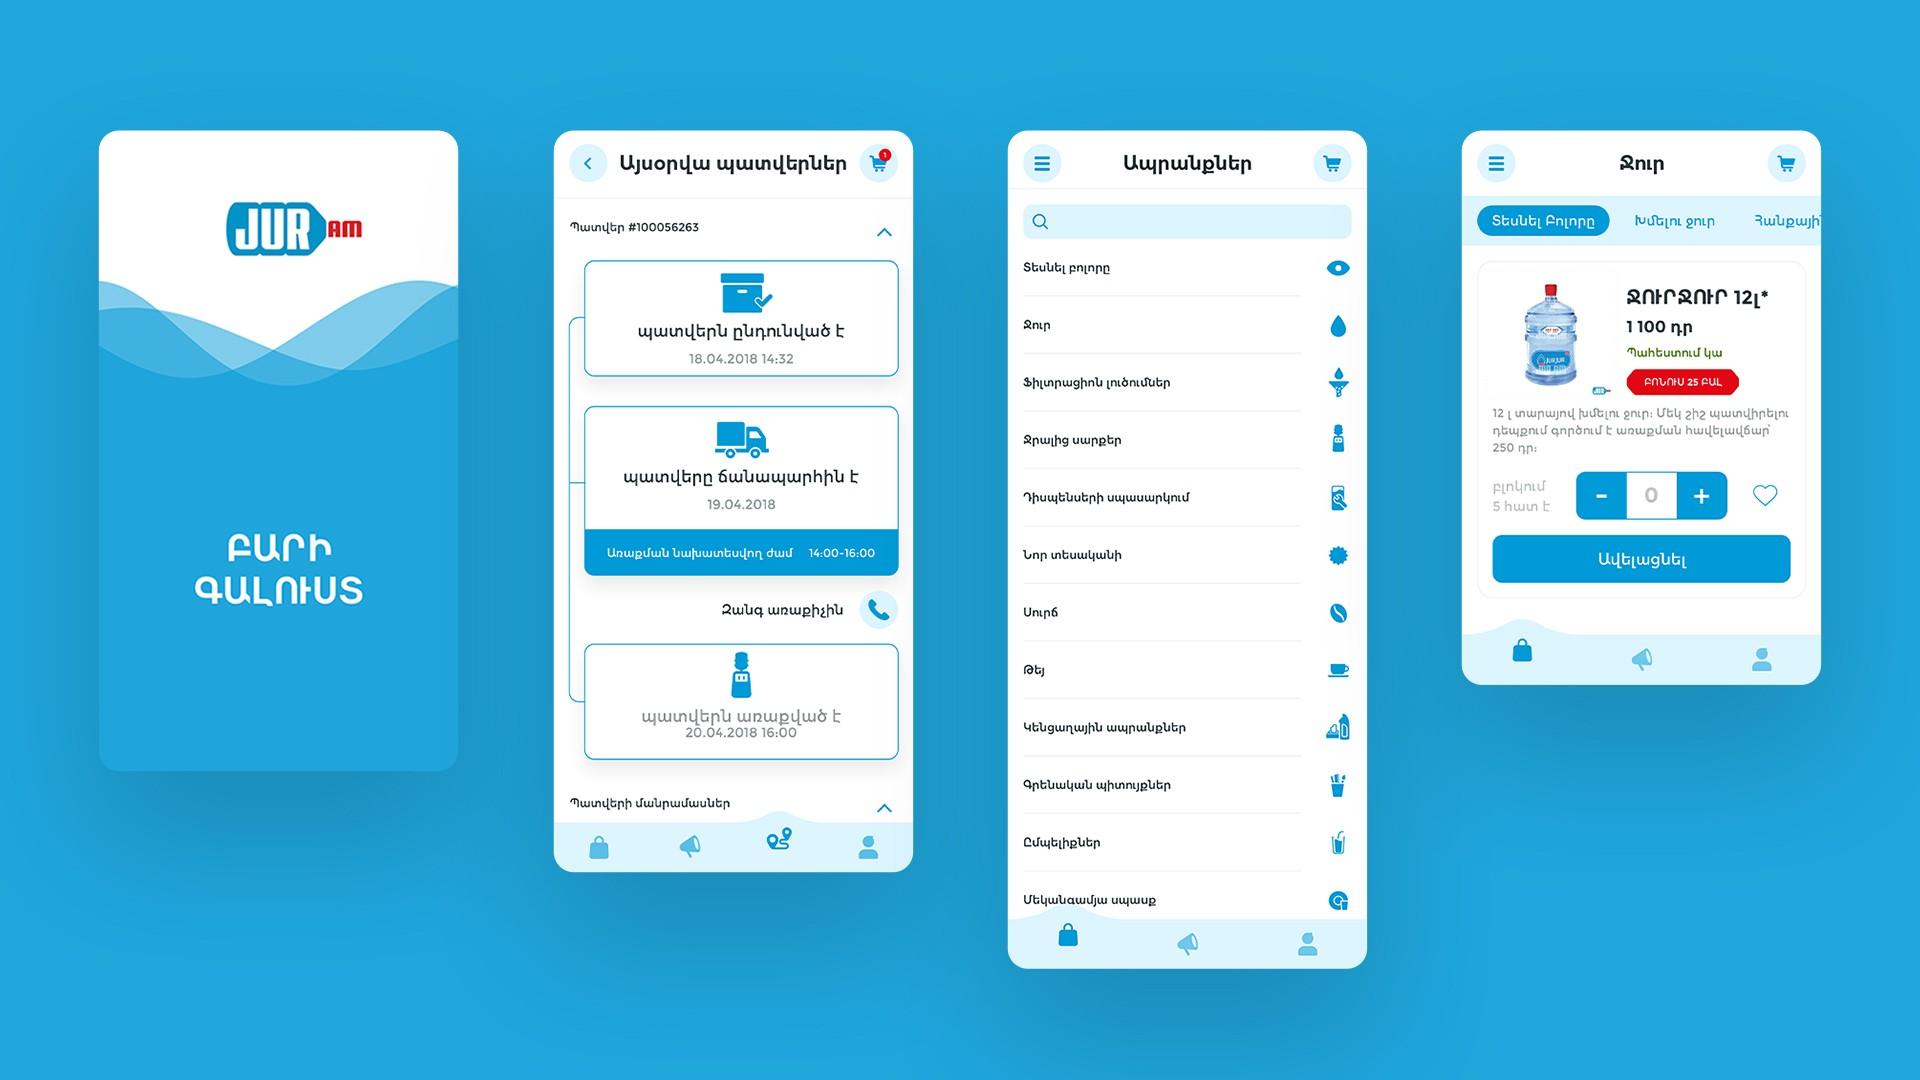 Mobile Application For Jur.am